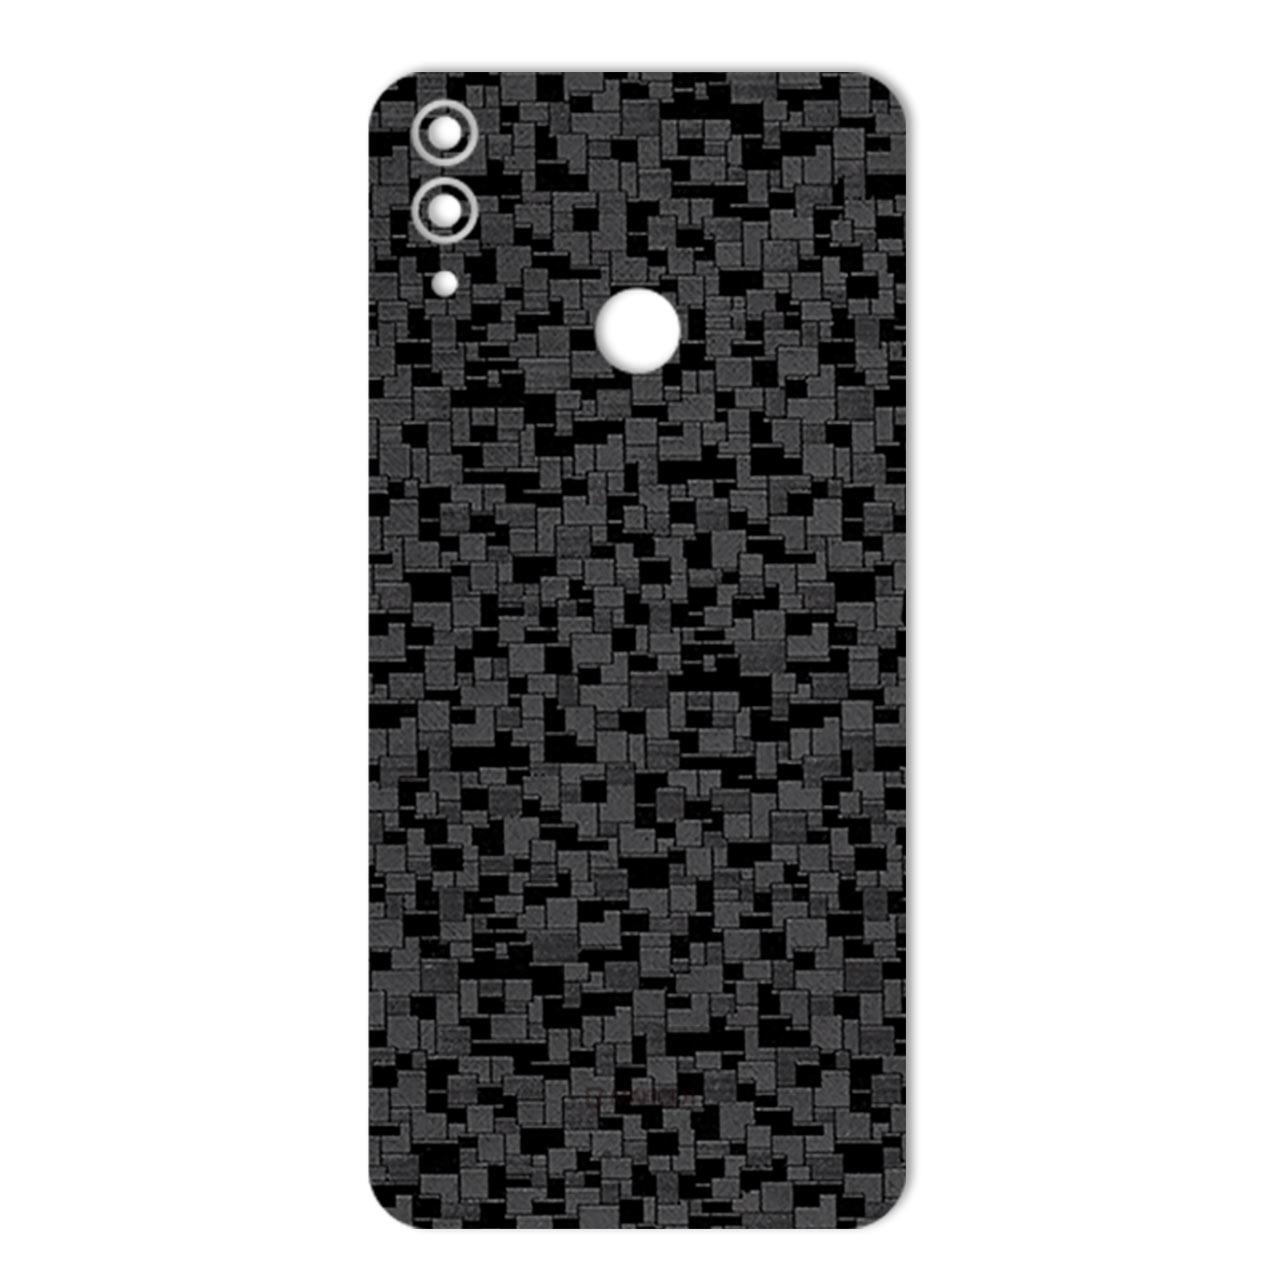 برچسب پوششی ماهوت طرح Silicon-Texture مناسب برای گوشی موبایل هوآوی Honor 8C